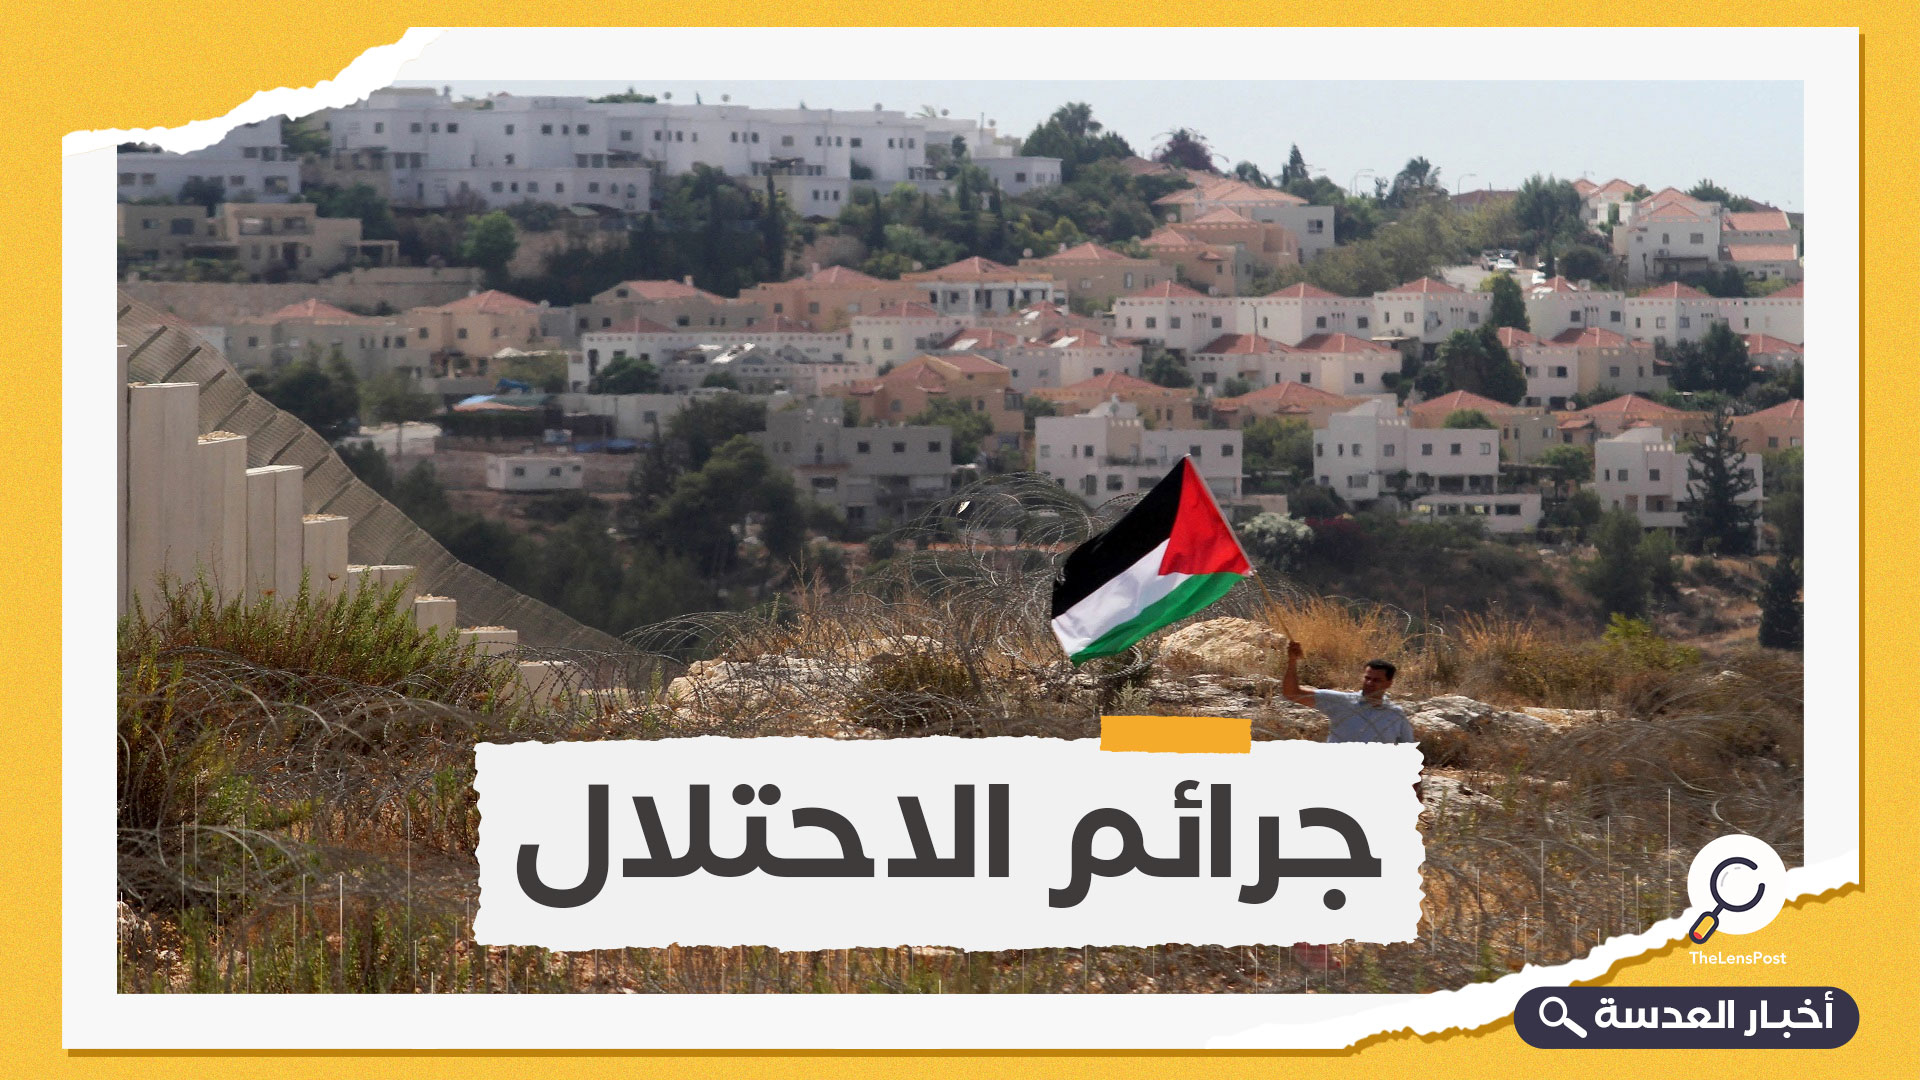 الجنائية الدولية تصدر قرارًا تاريخيًا بشأن ولايتها على الأراضي الفلسطينية المحتلة